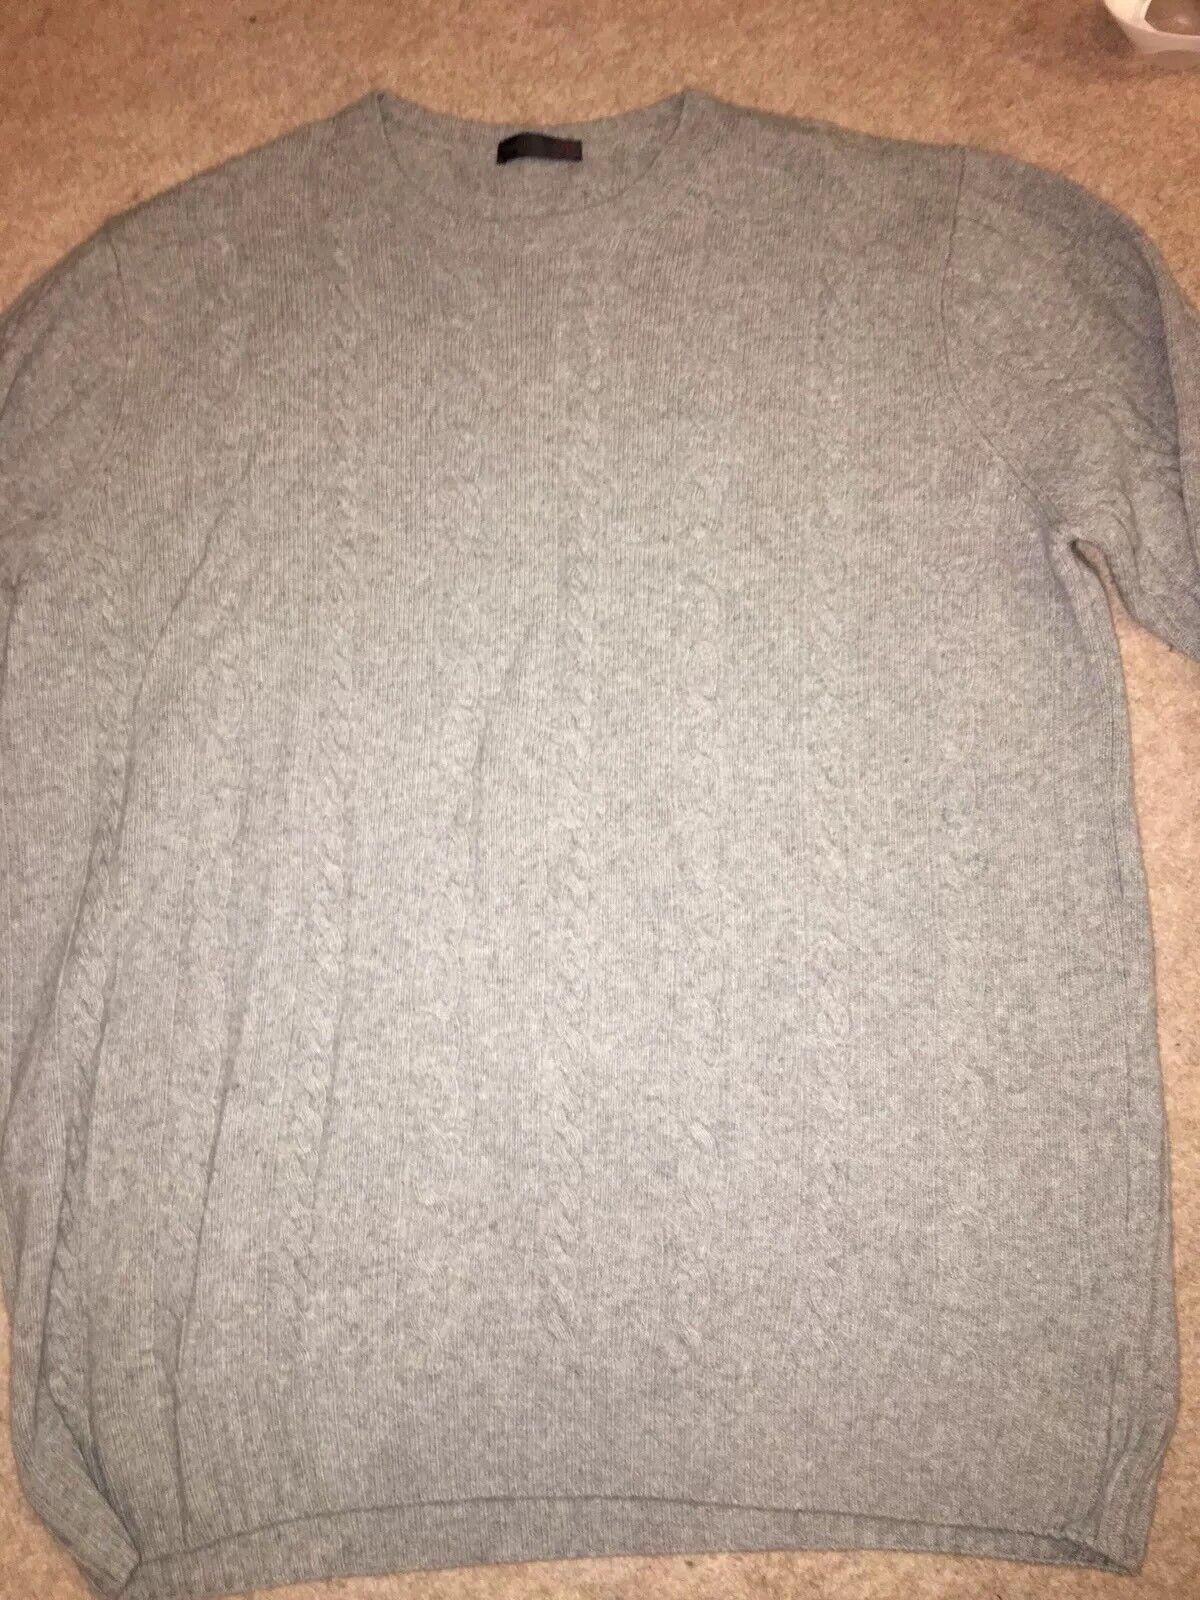 Uomo CORNELIANI MAGLIONE di lana, colore grigio, taglia 58, usato